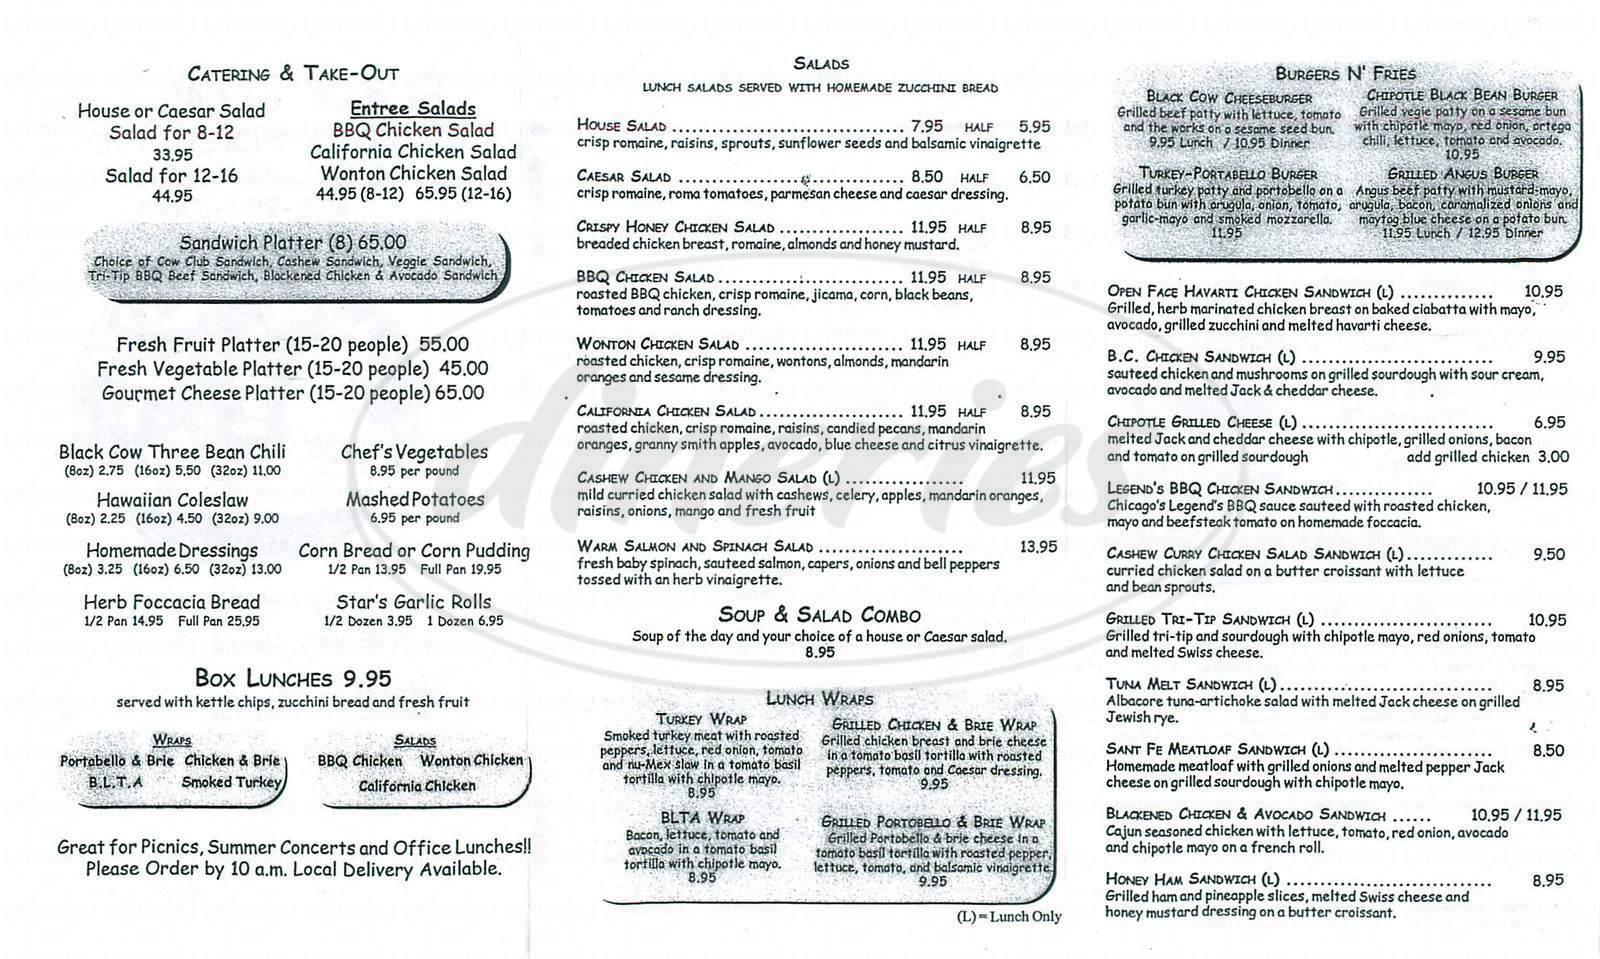 menu for Black Cow Café